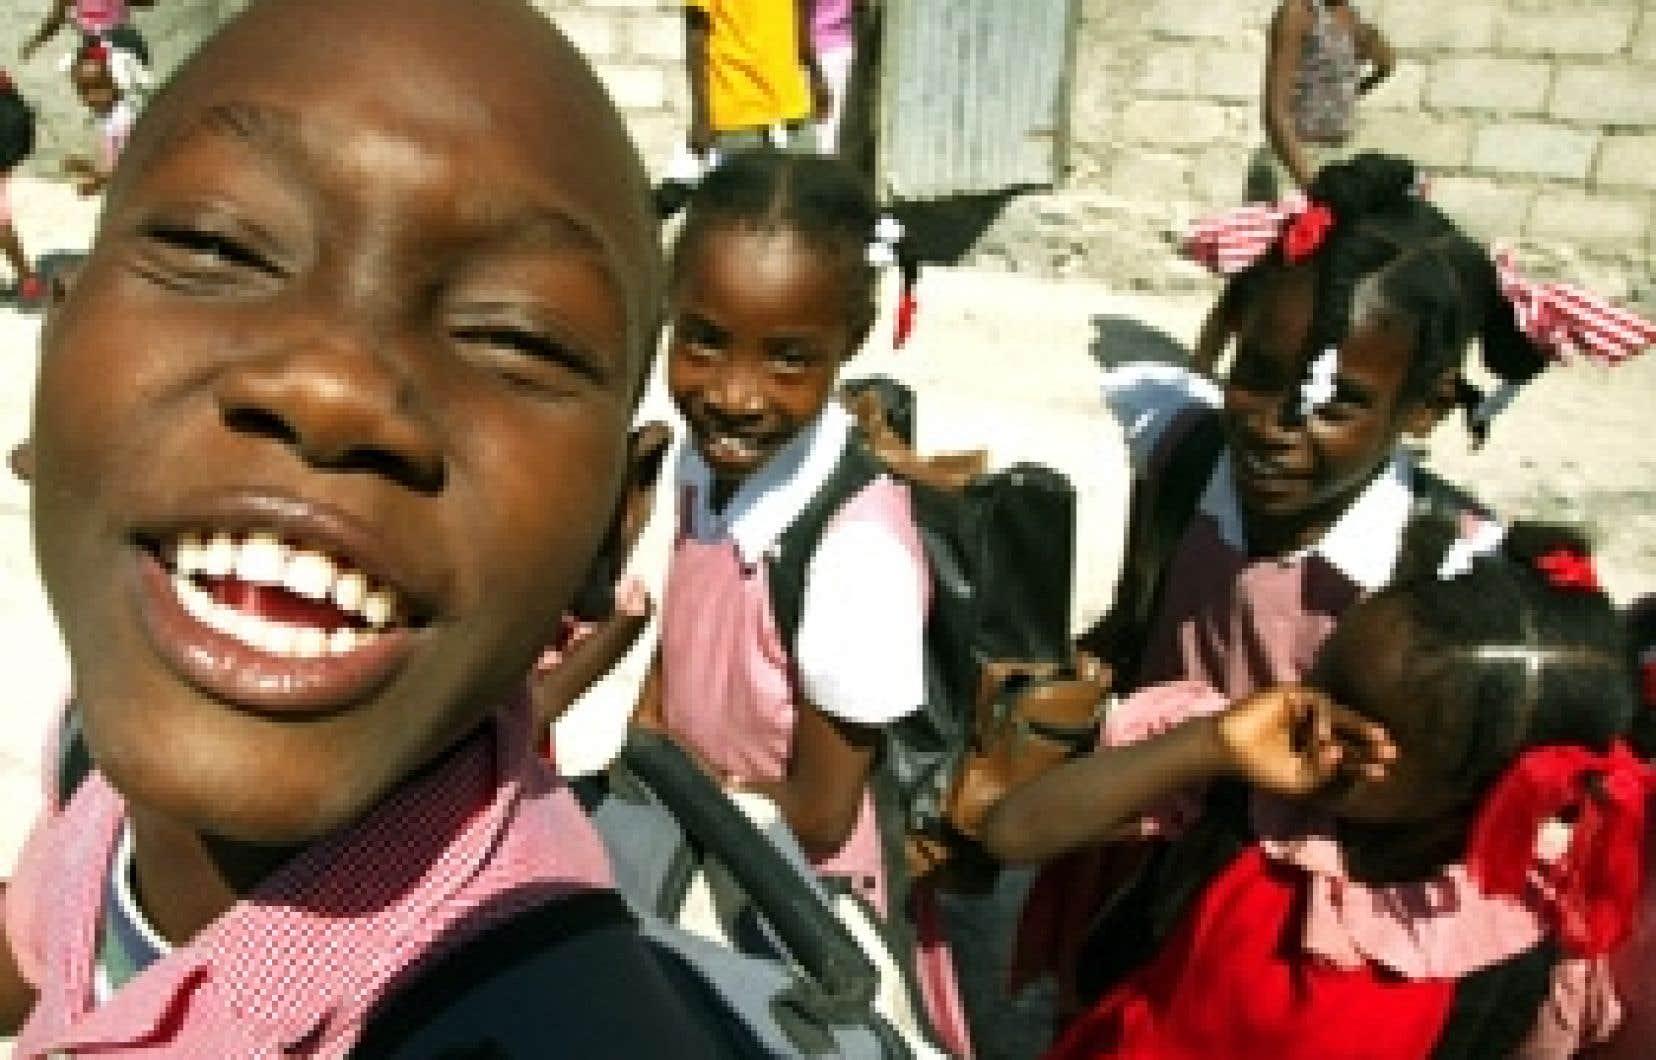 Des écoliers de Port-au-Prince, en Haïti. L'éducation de la population d'un pays est un des facteurs dont devrait tenir compte une mesure du bien-être des peuples qui irait au-delà des indices économiques habituels.